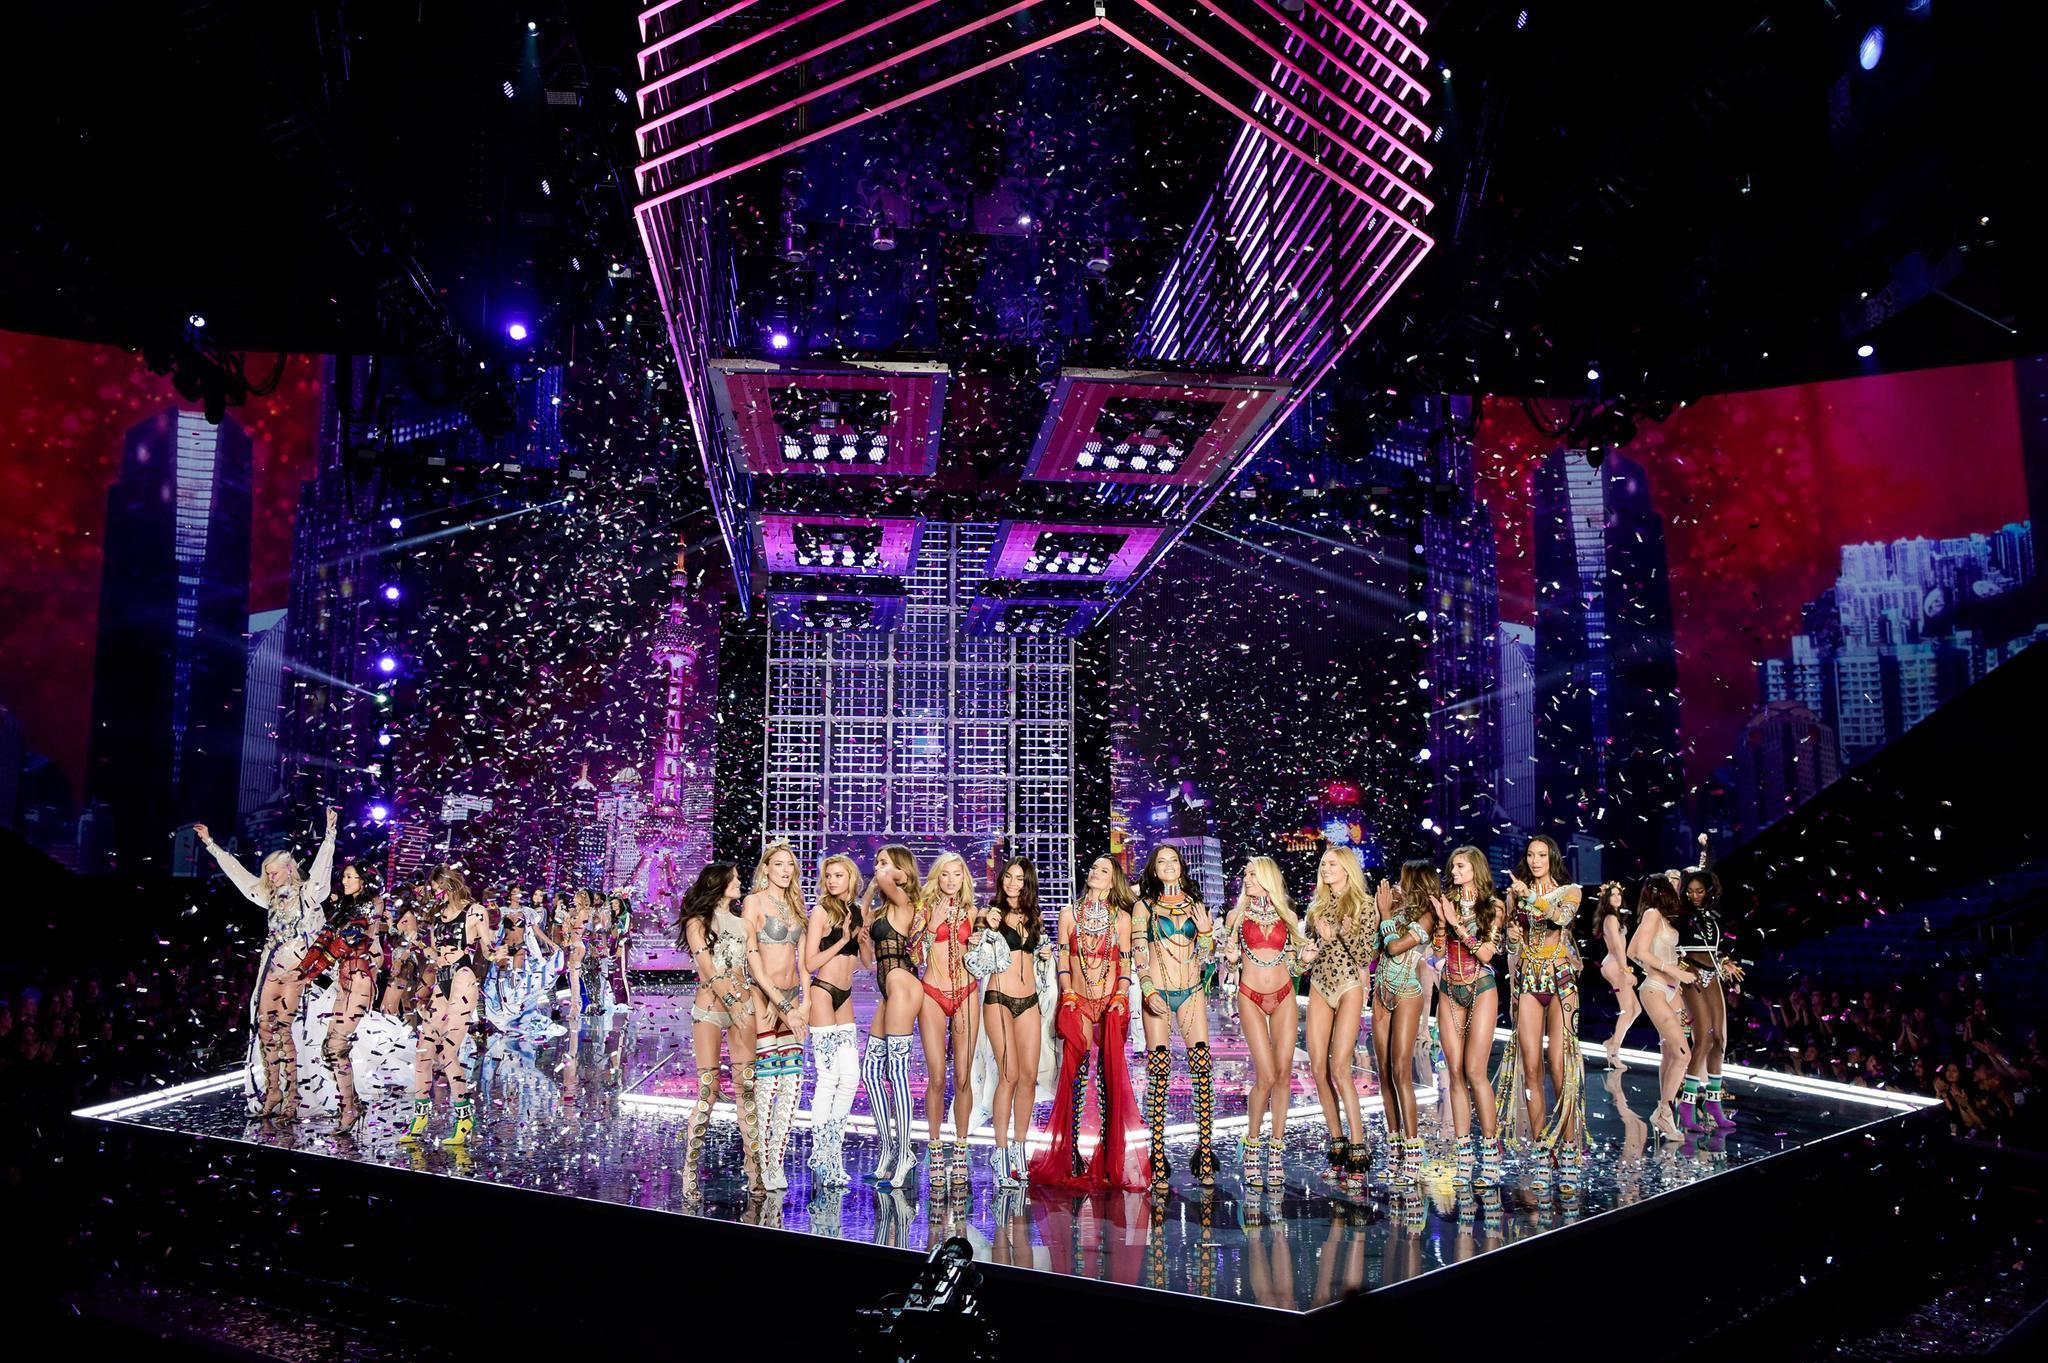 Finale der Victoria's Secret Fashion Show 2017 in Shanghai